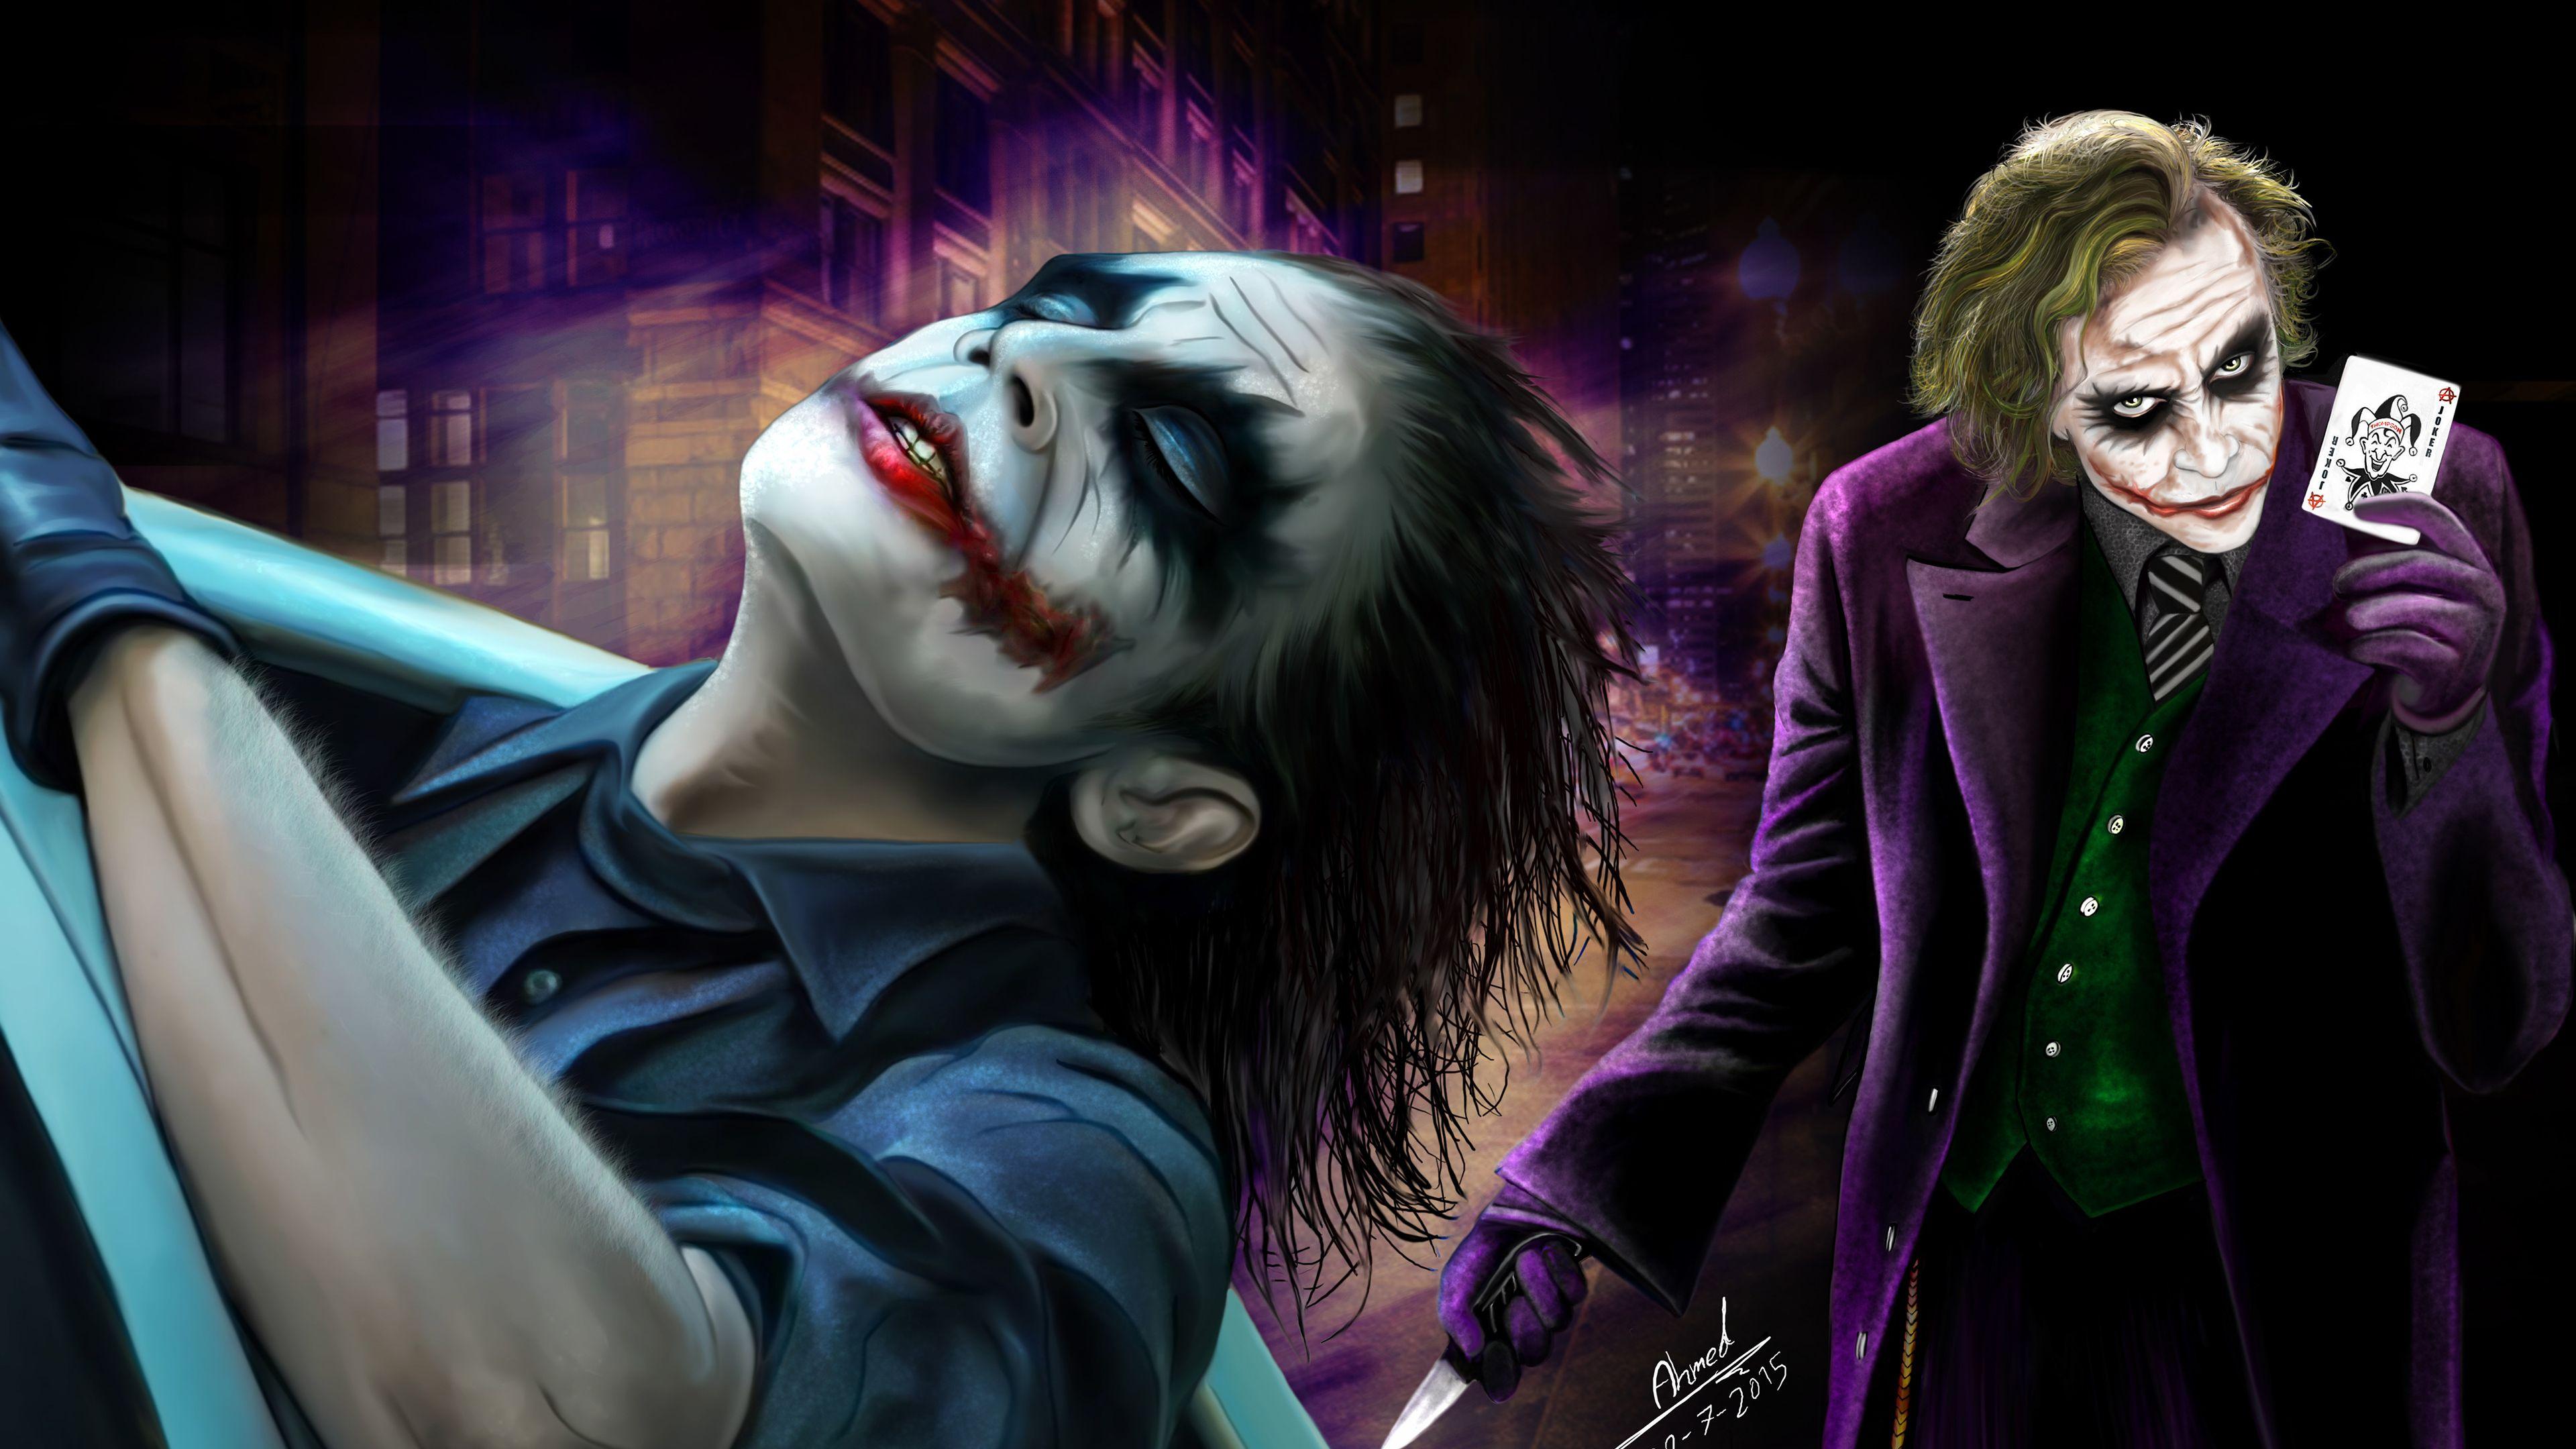 Wallpaper 4k 4k Joker 2019 4k Wallpapers Artwork Wallpapers 3840x2400 Joker Artwork 4k 2019 4k Hd 4k Wall Joker Wallpapers Wallpaper Joker Joker Hd Wallpaper Animated joker wallpaper 4k